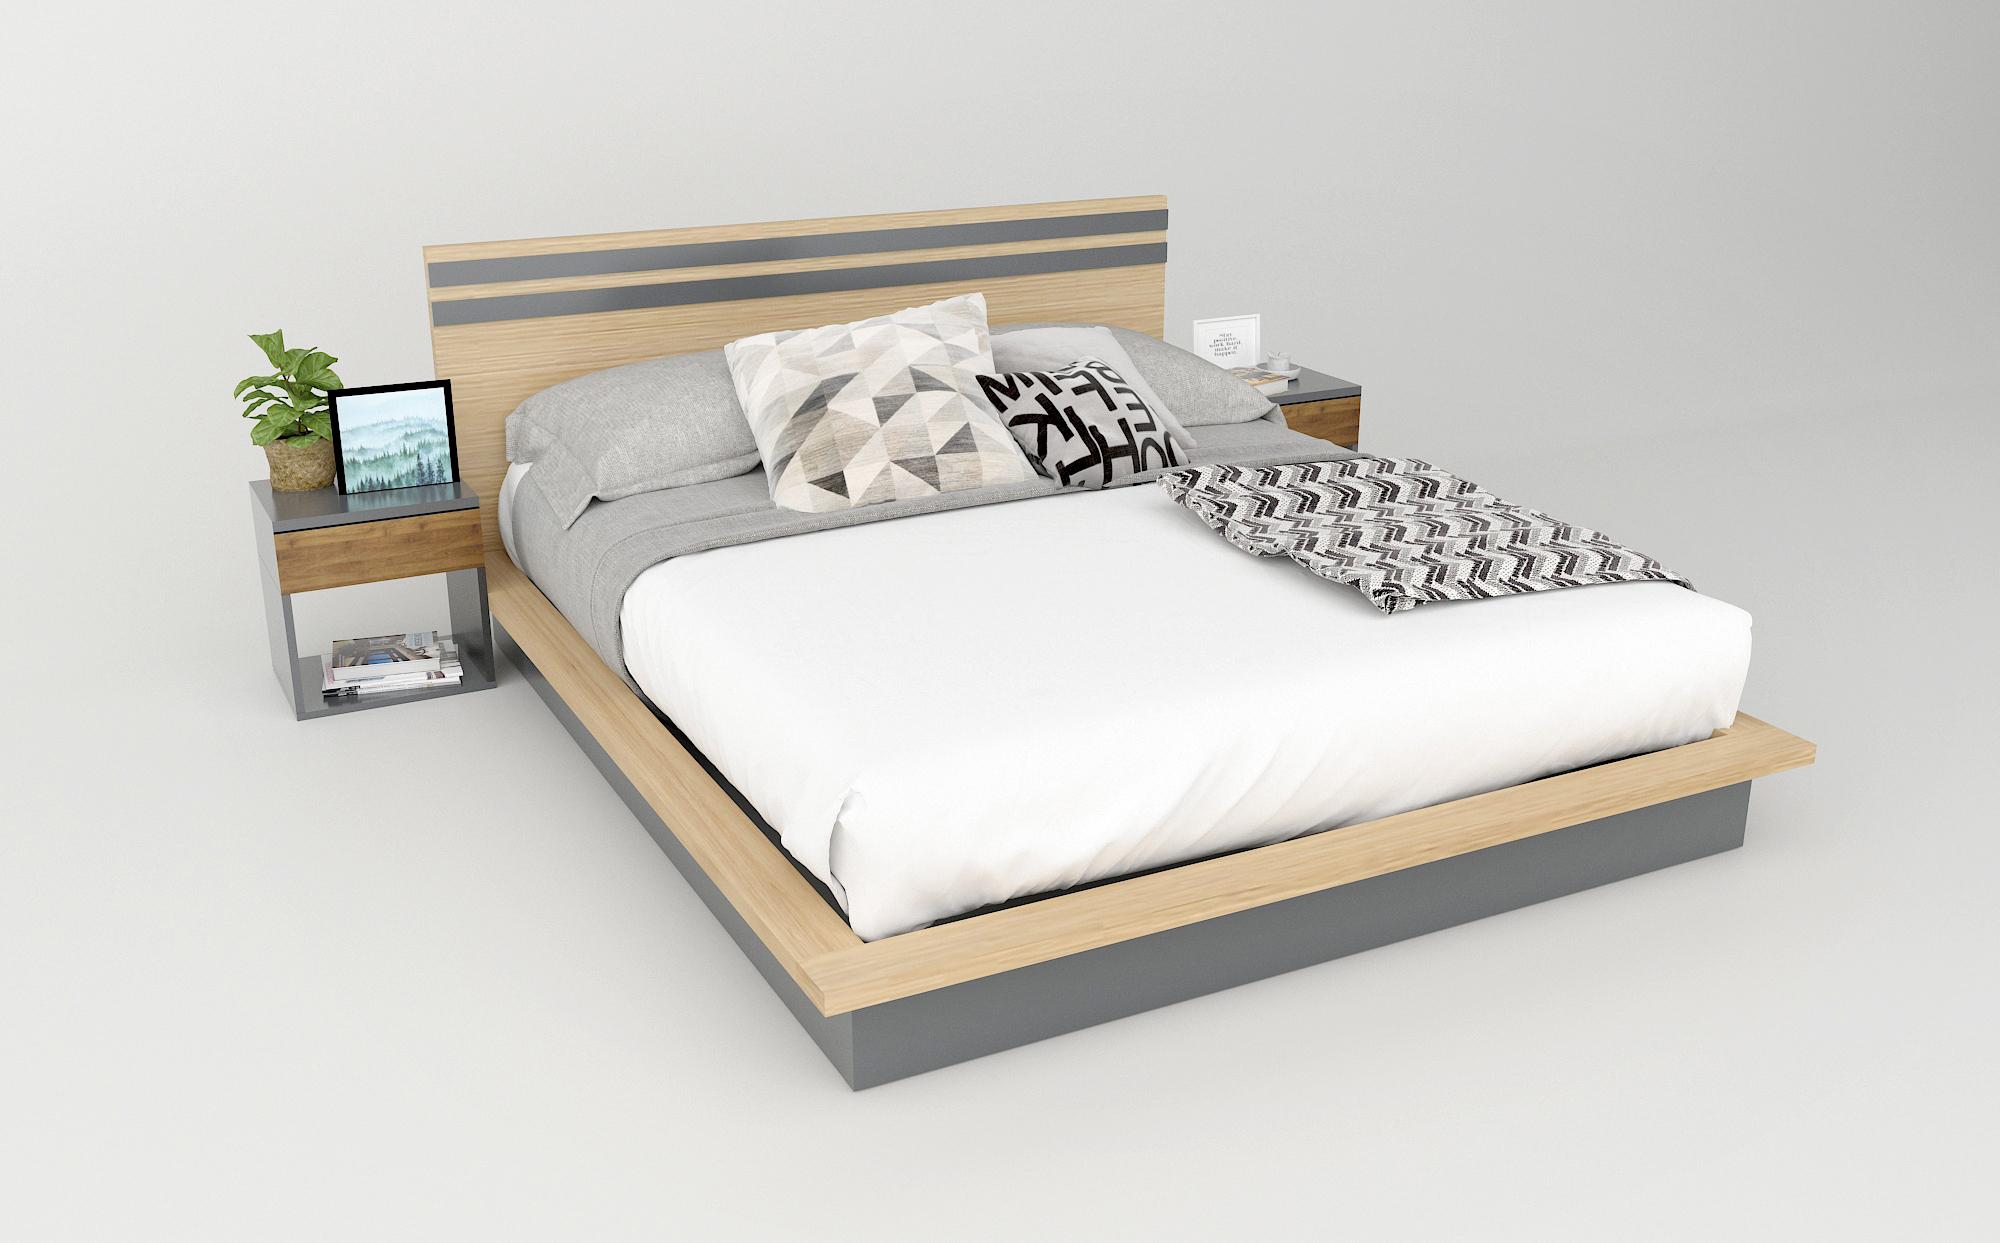 Giường gỗ công nghiệp đẹp hiện đại